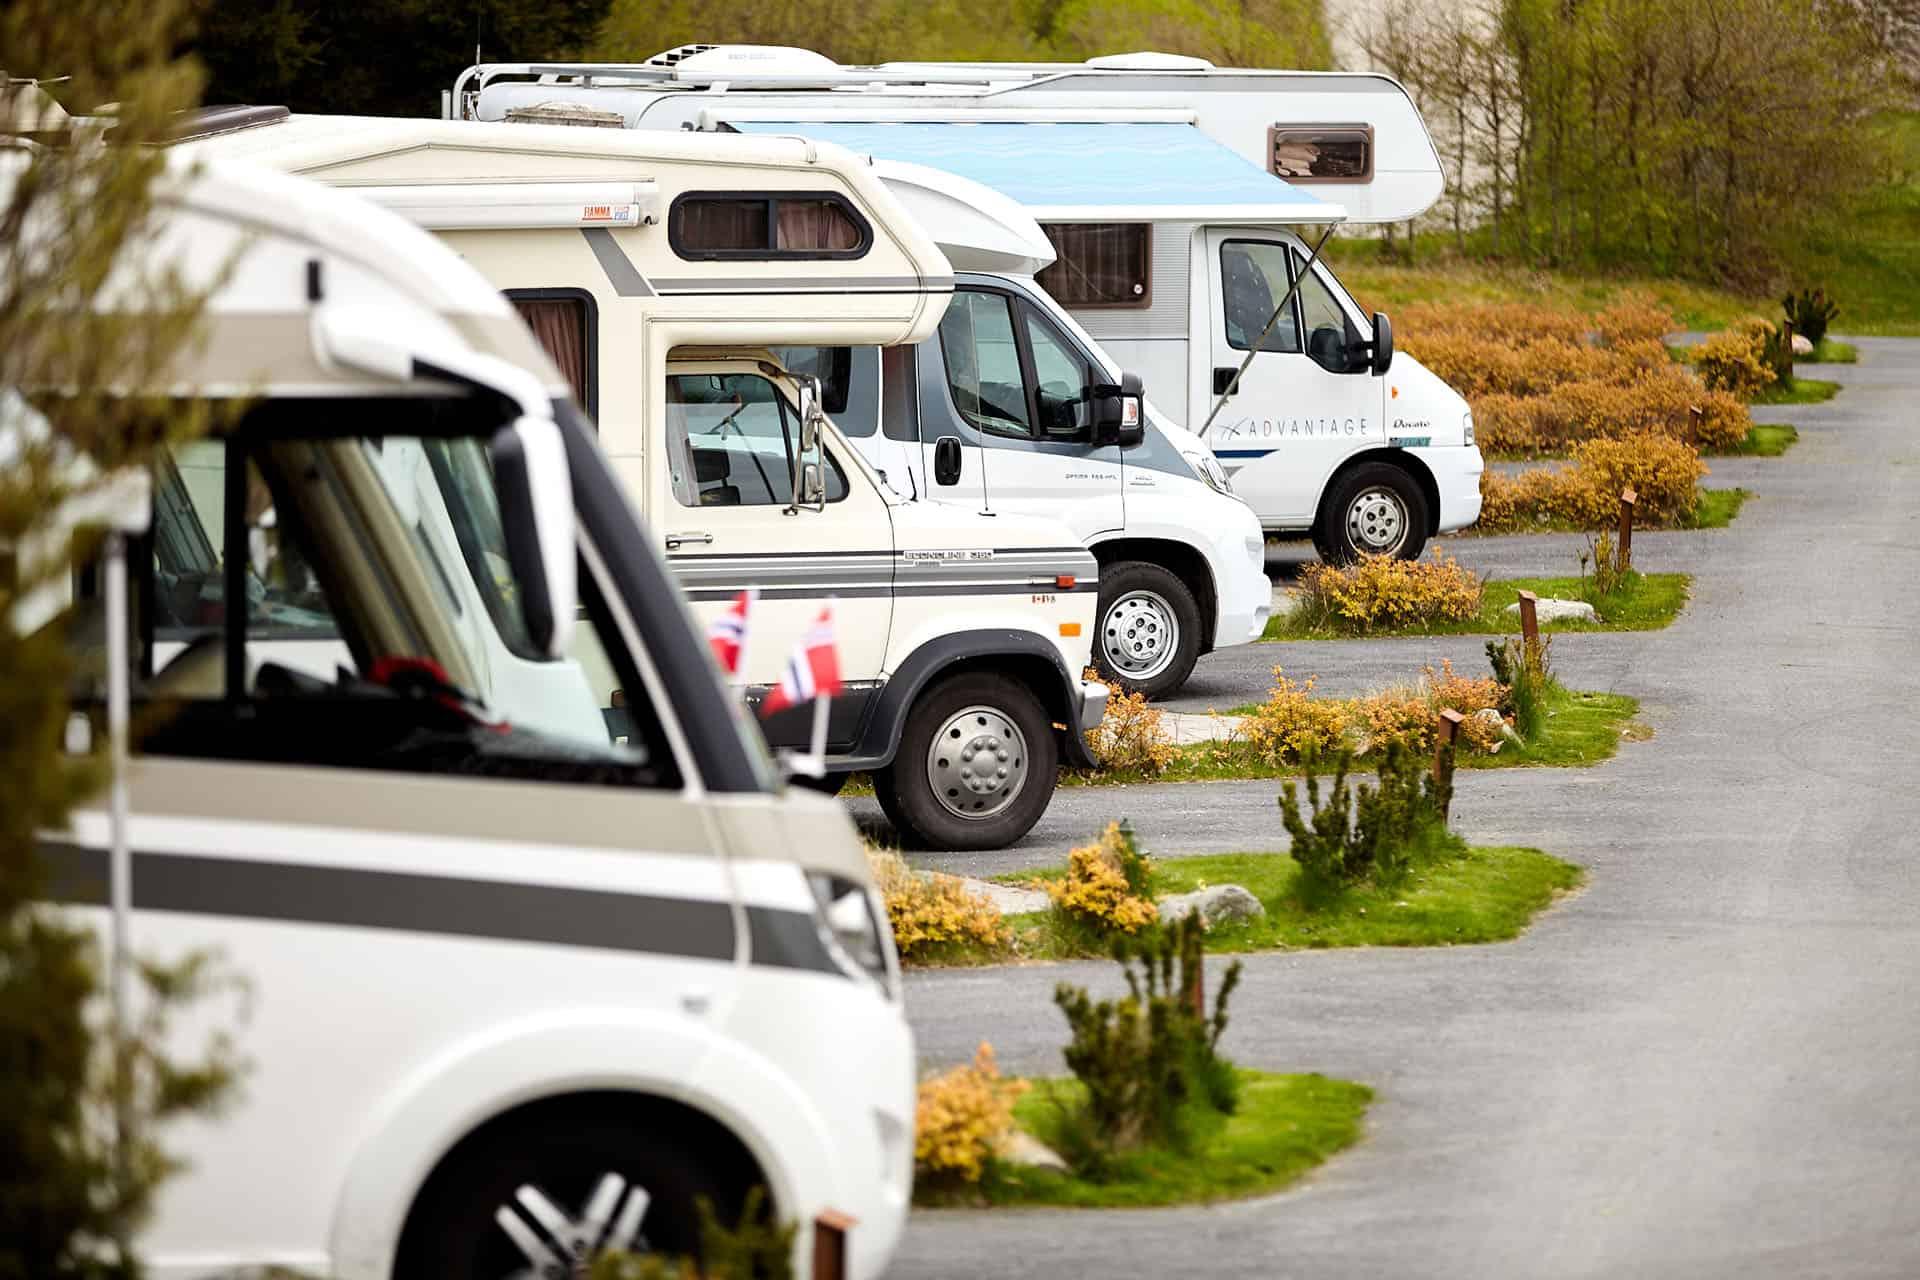 Fyra husbilar uppställda i Bobilparken i Bohuslän.